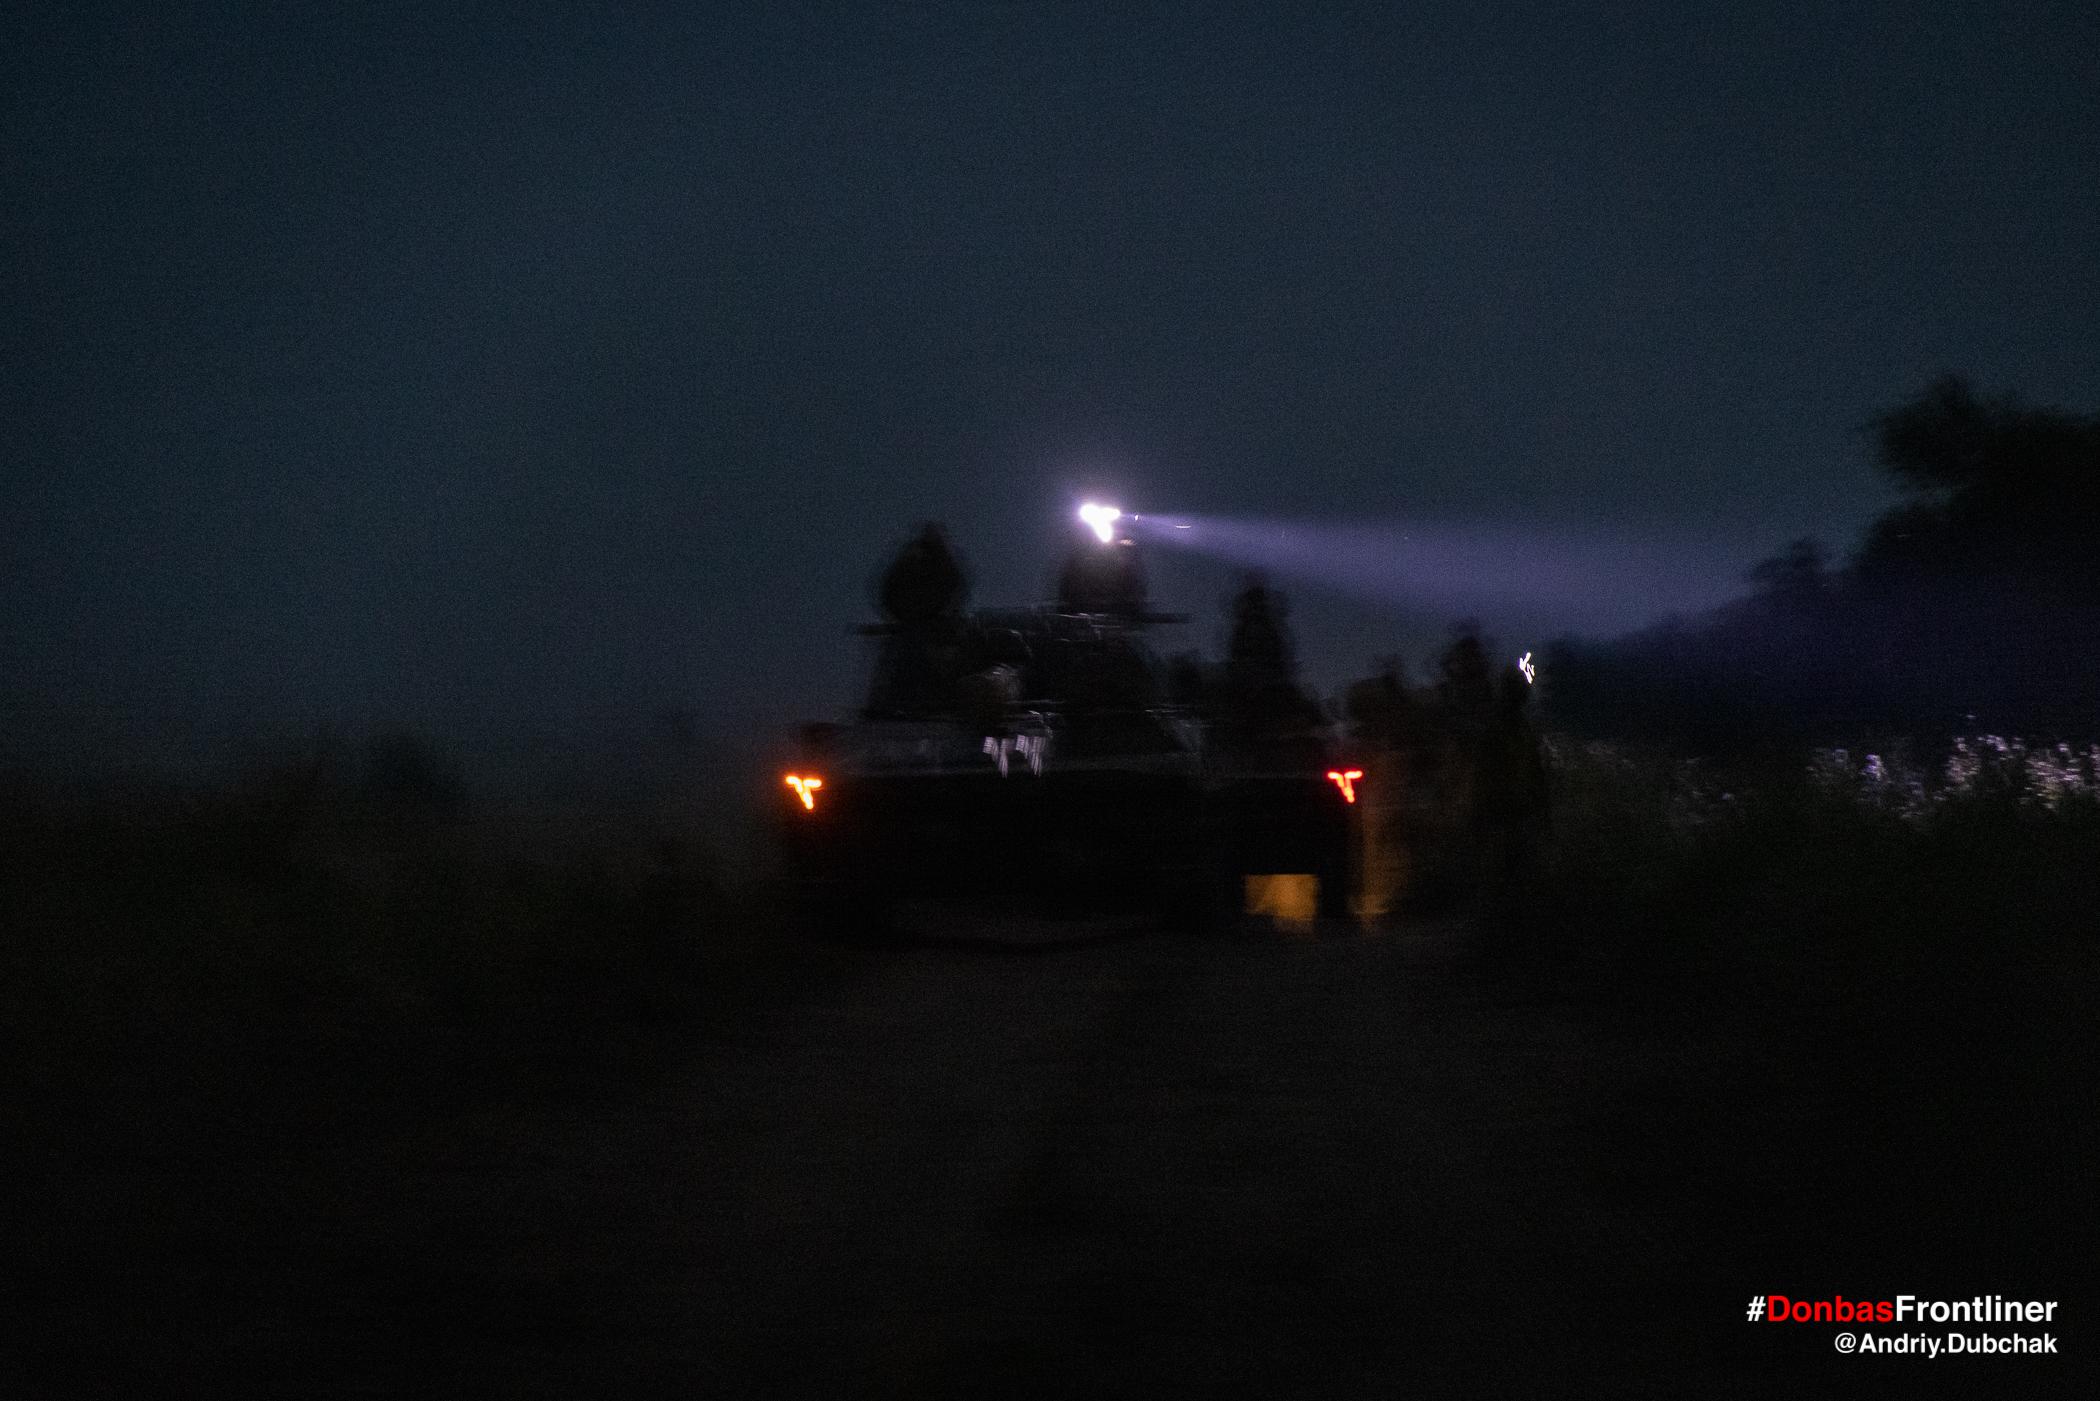 САУ вночі виходять на бойові позиції. Бойове тренування 503-го батальйону морської піхоти на Приазов'ї, липень 2021 року